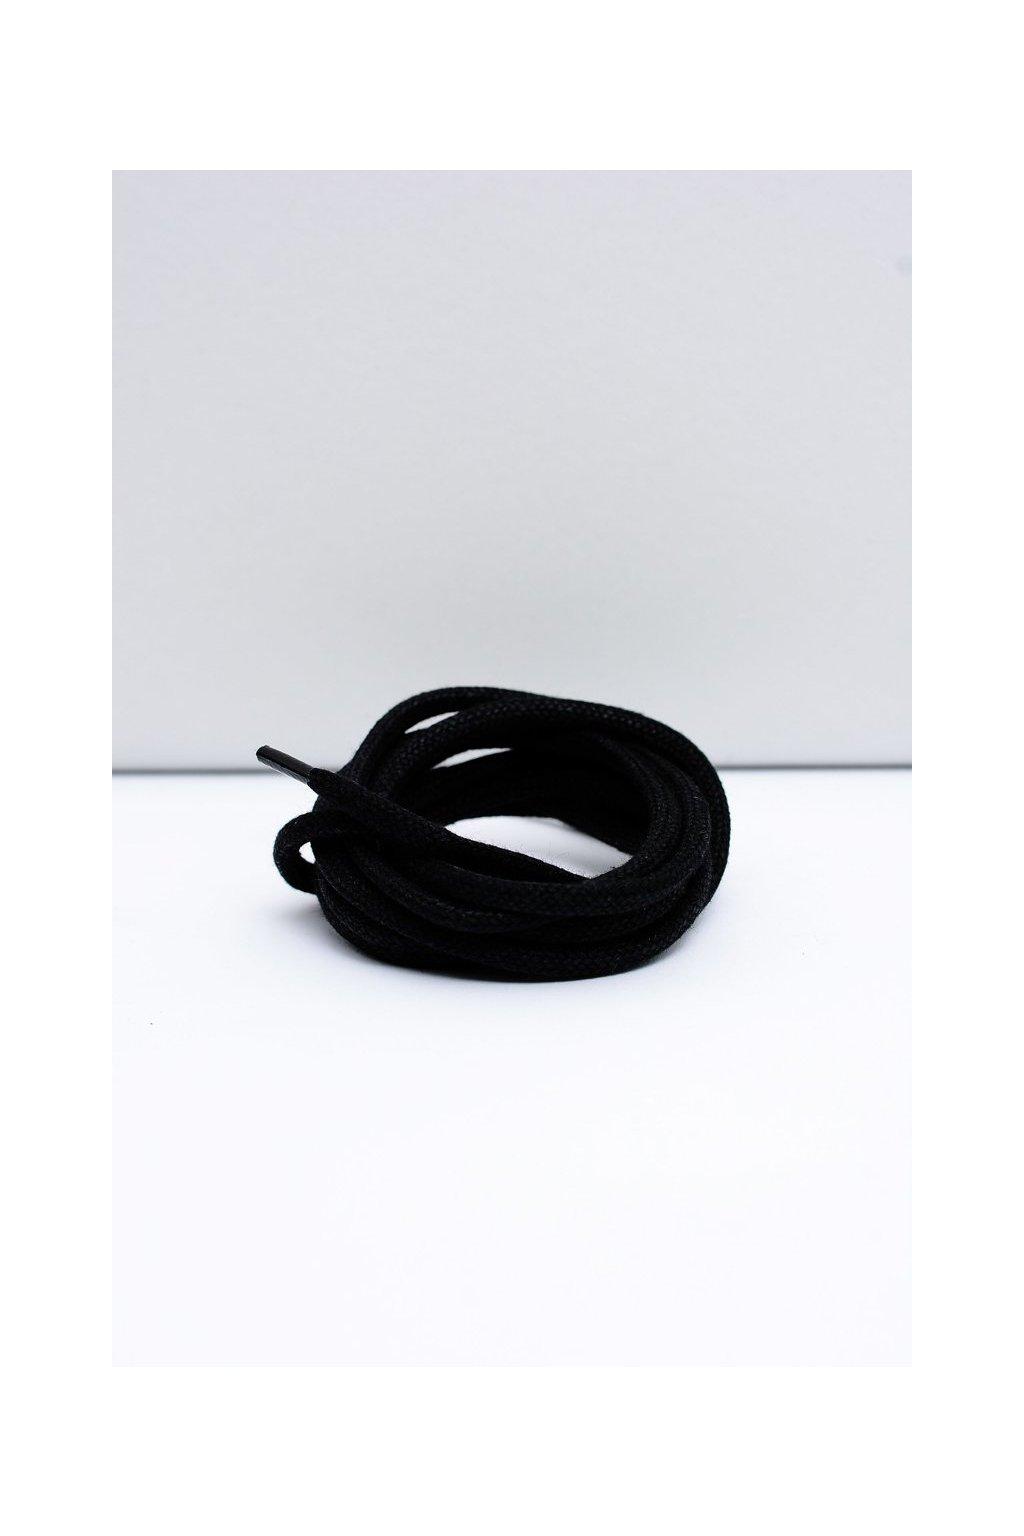 Šnúrky do topánok farba čierna kód CZARNE OKR. GRUBY WOSK